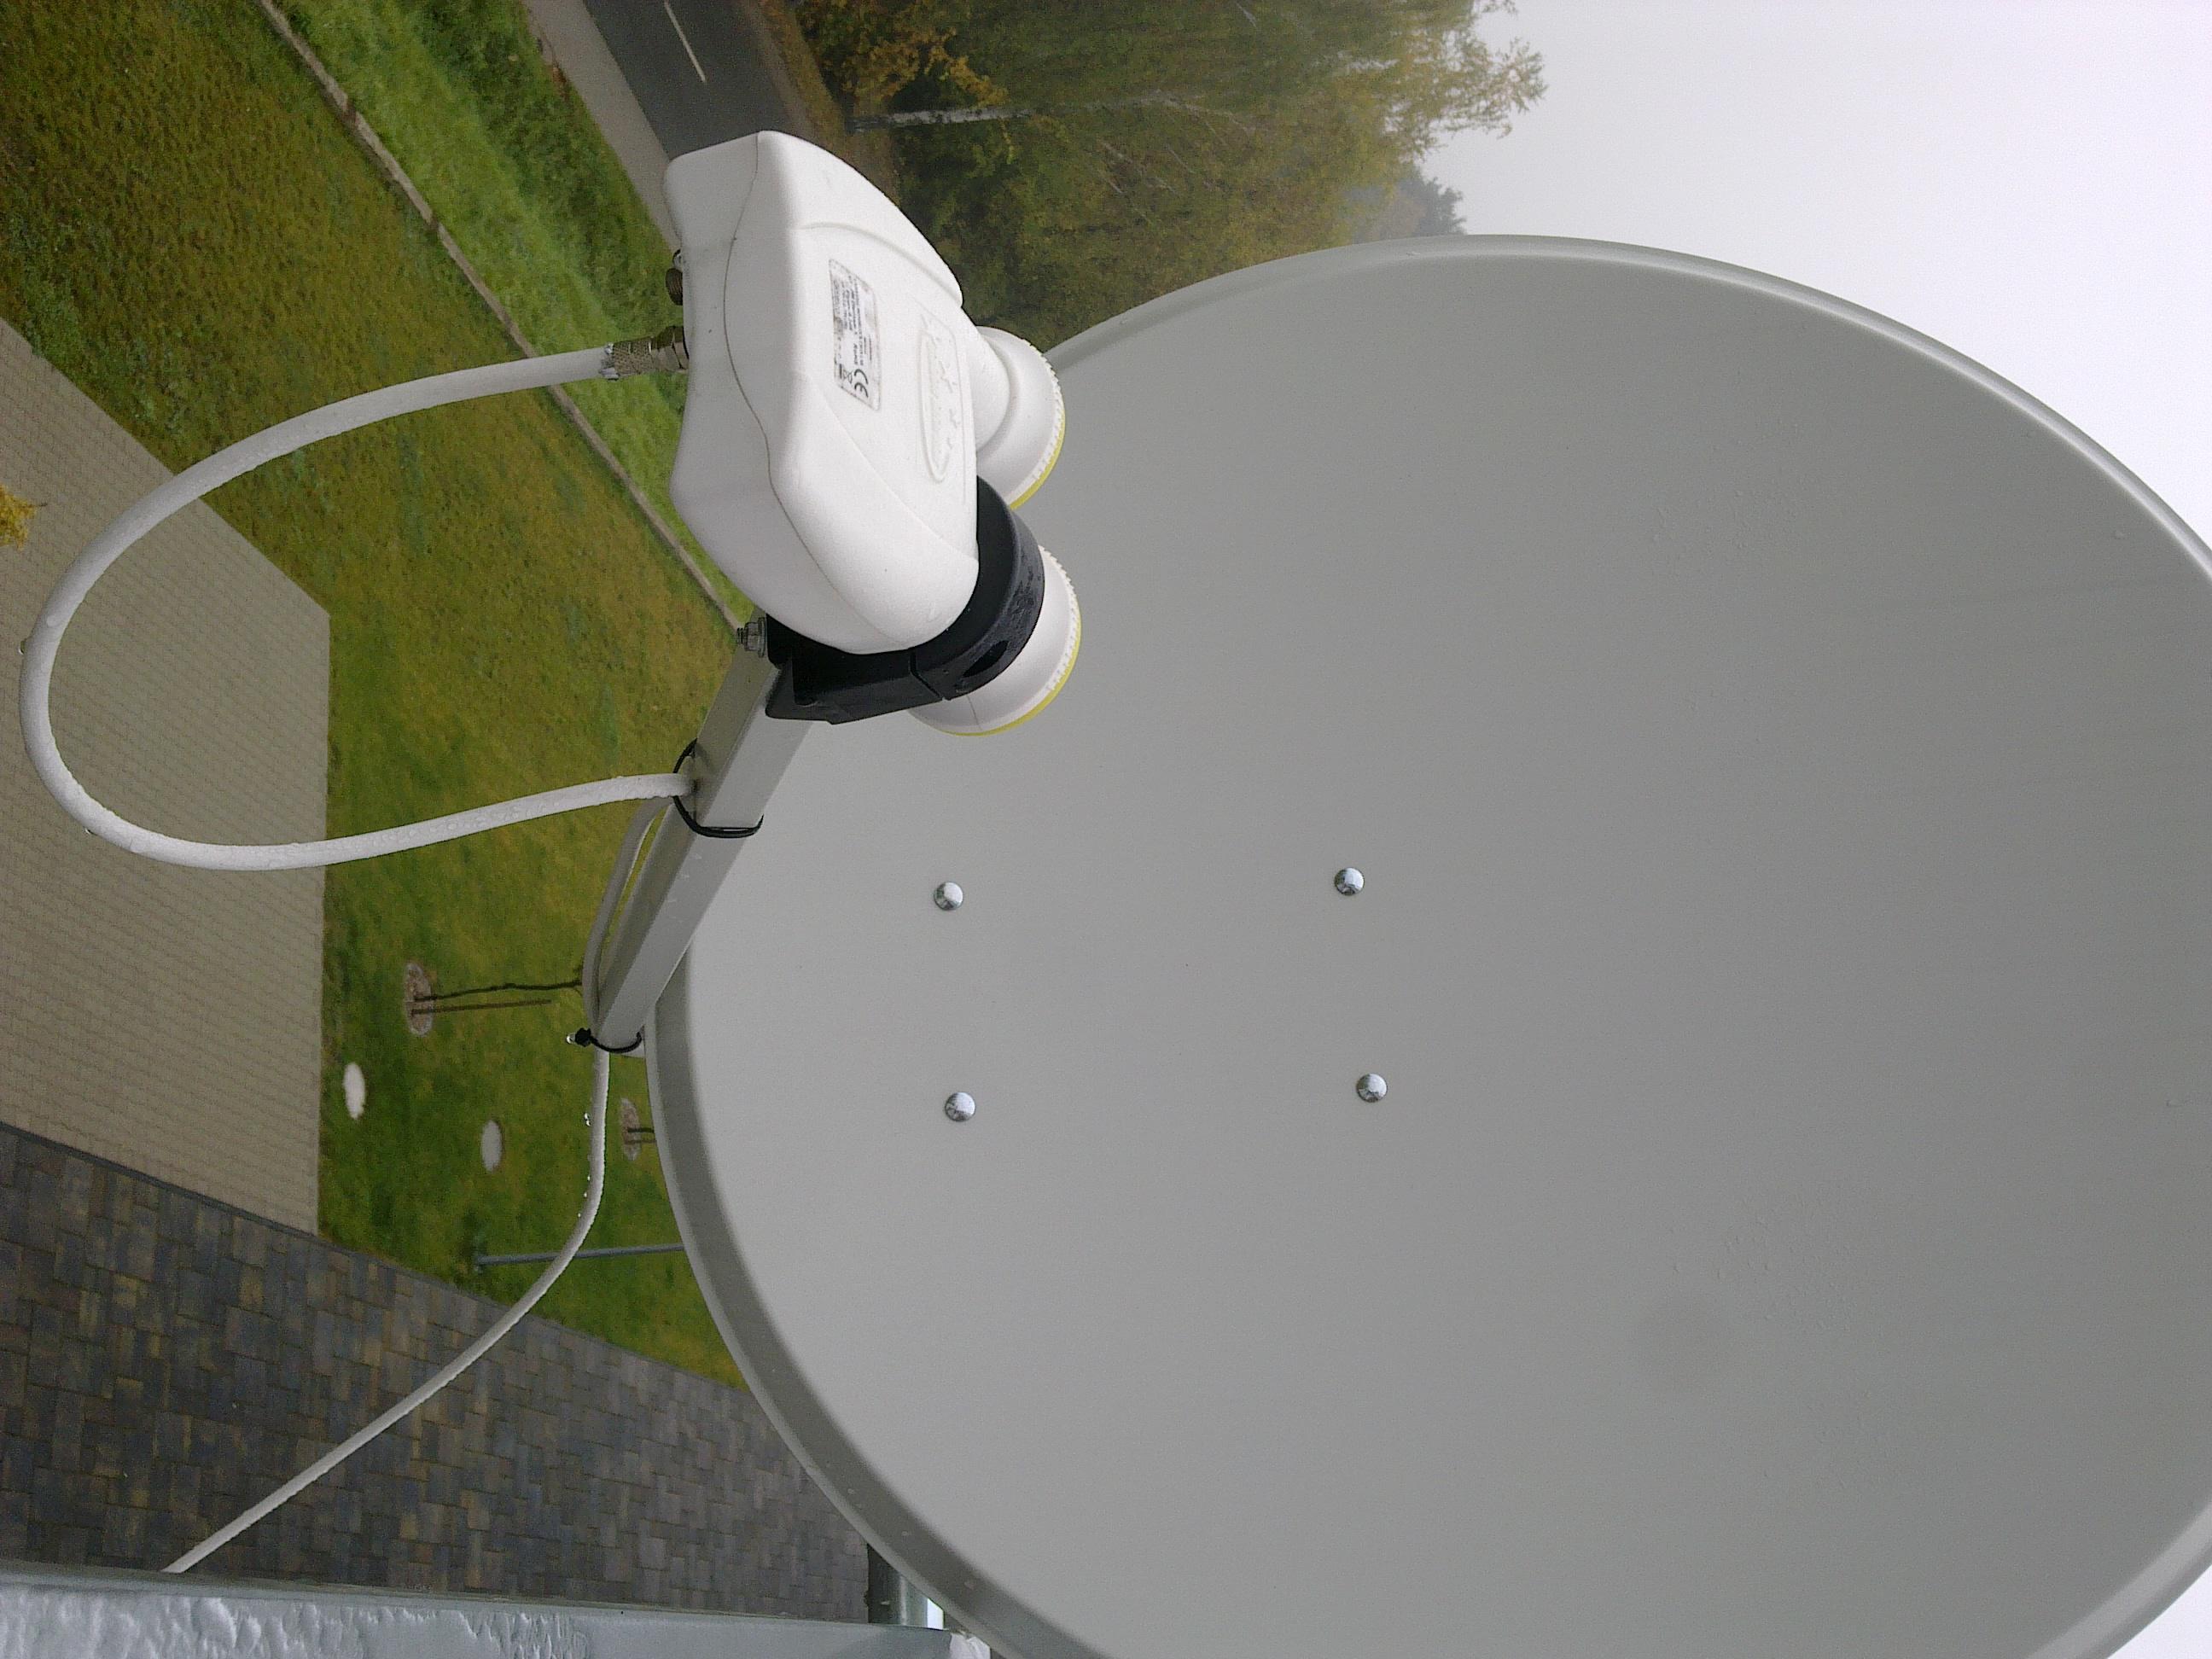 Instanacja DVB-T + SAT oparta na jednym kablu na 3 odbiorniki